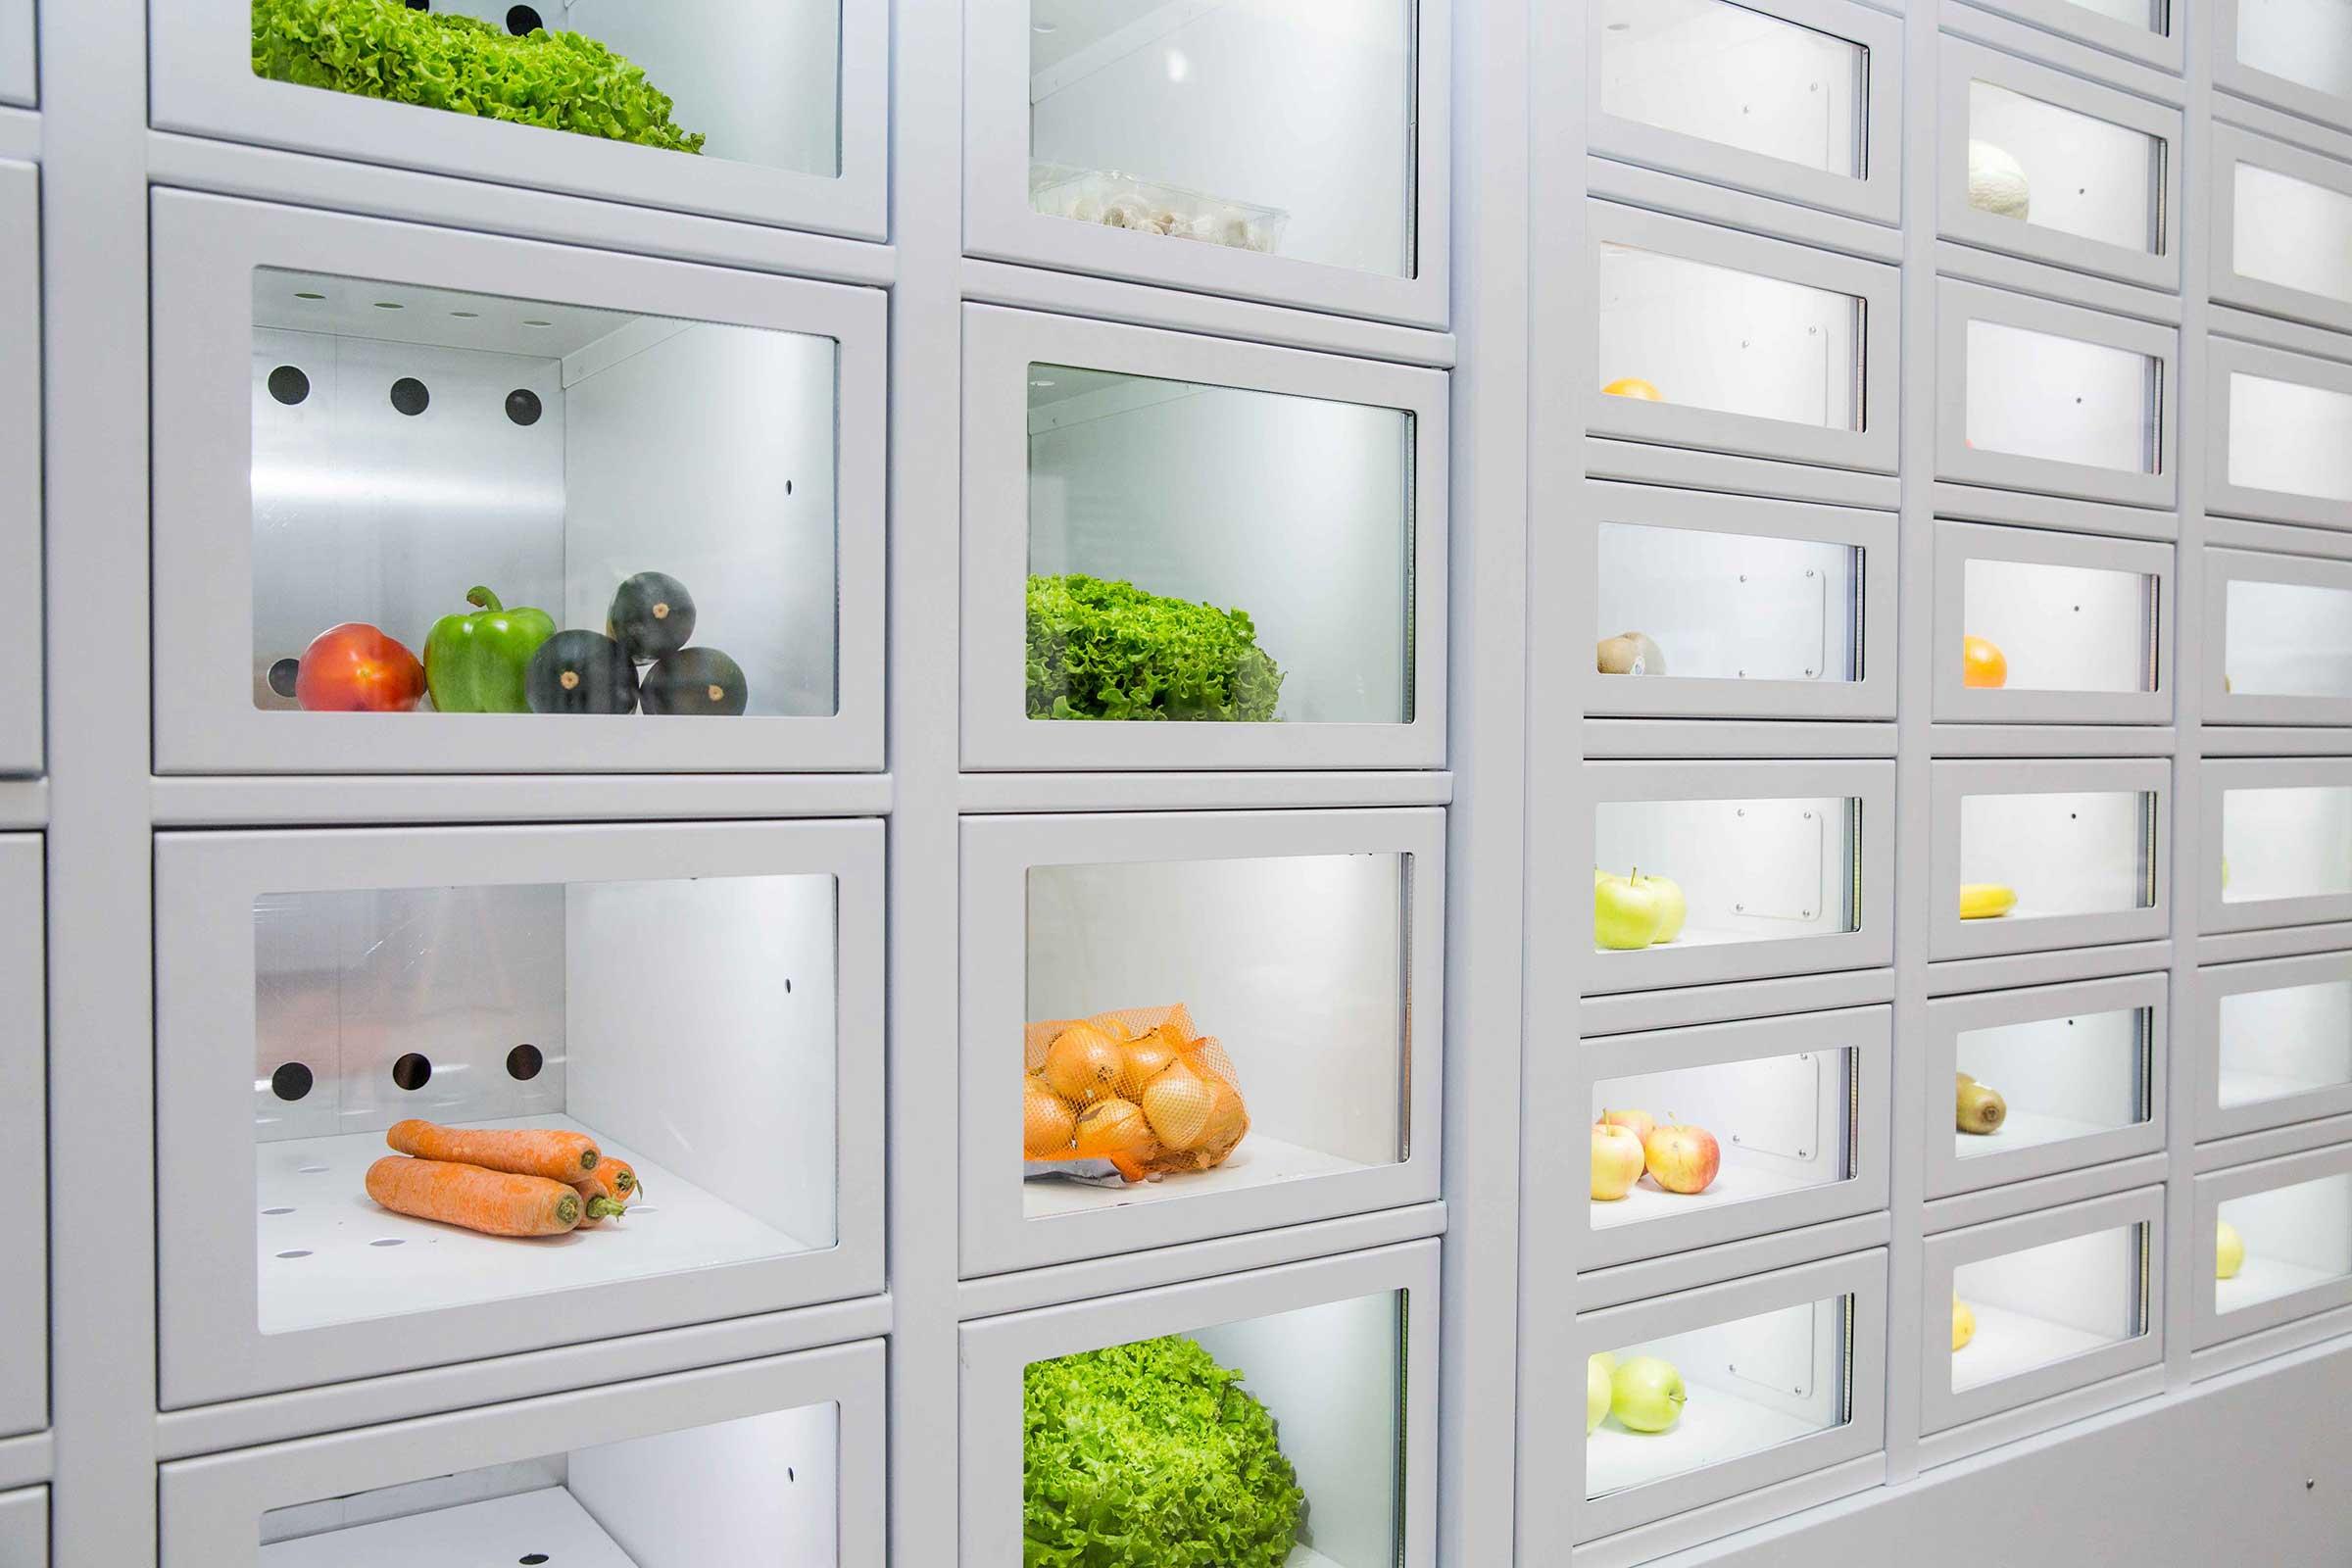 Verduras en un casier français, el distribuidor automático de productores independientes